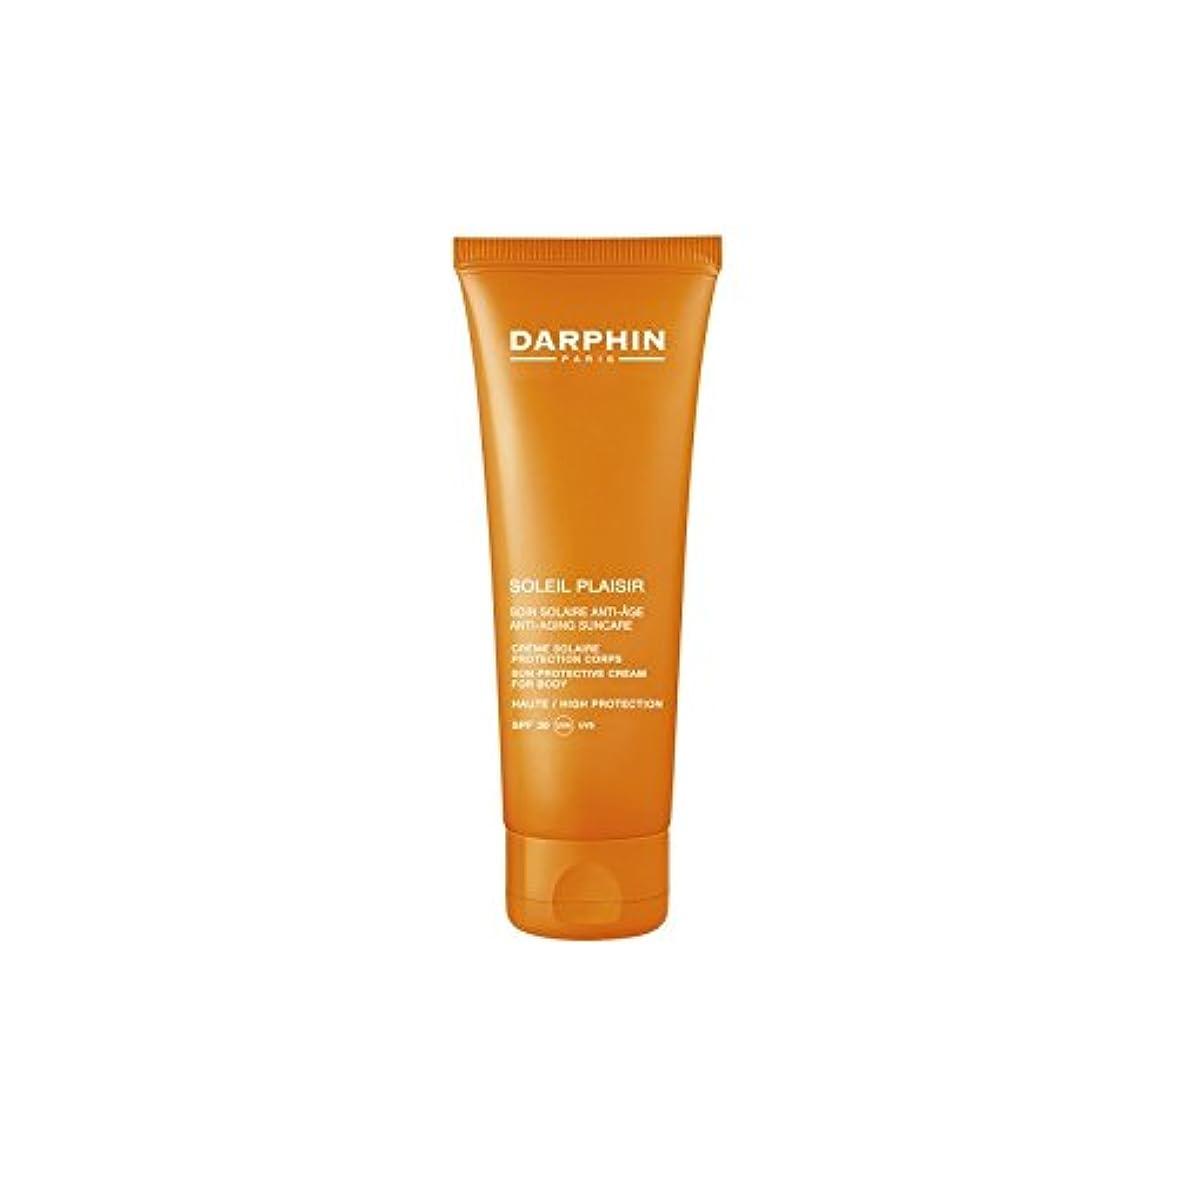 雑多な起こりやすいオアシスダルファンソレイユプレジールボディクリーム x2 - Darphin Soleil Plaisir Body Cream (Pack of 2) [並行輸入品]